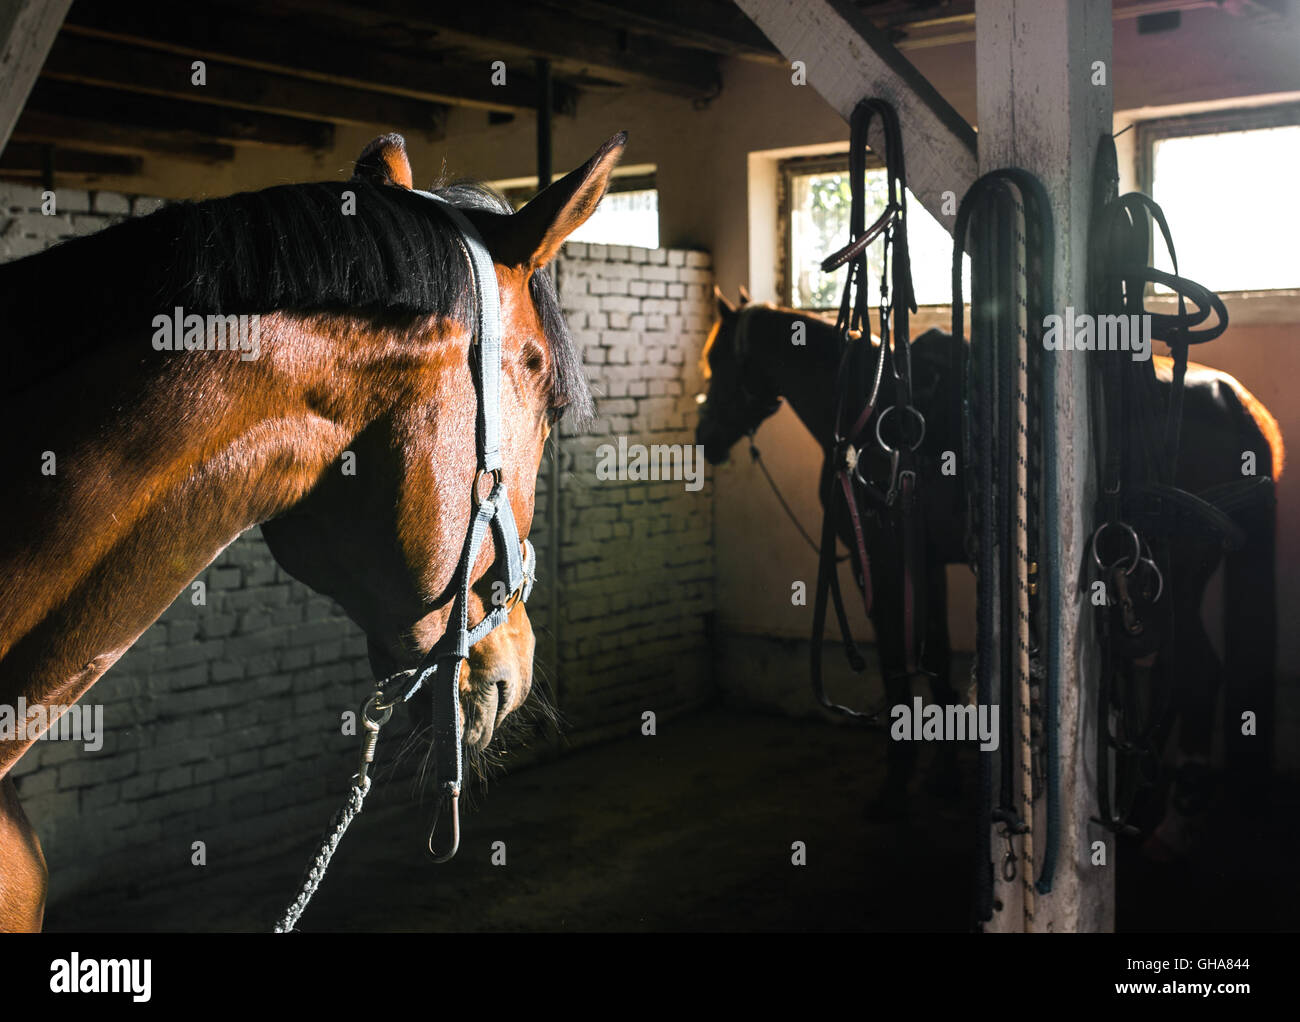 Portrait de cheval dans l'étable Photo Stock